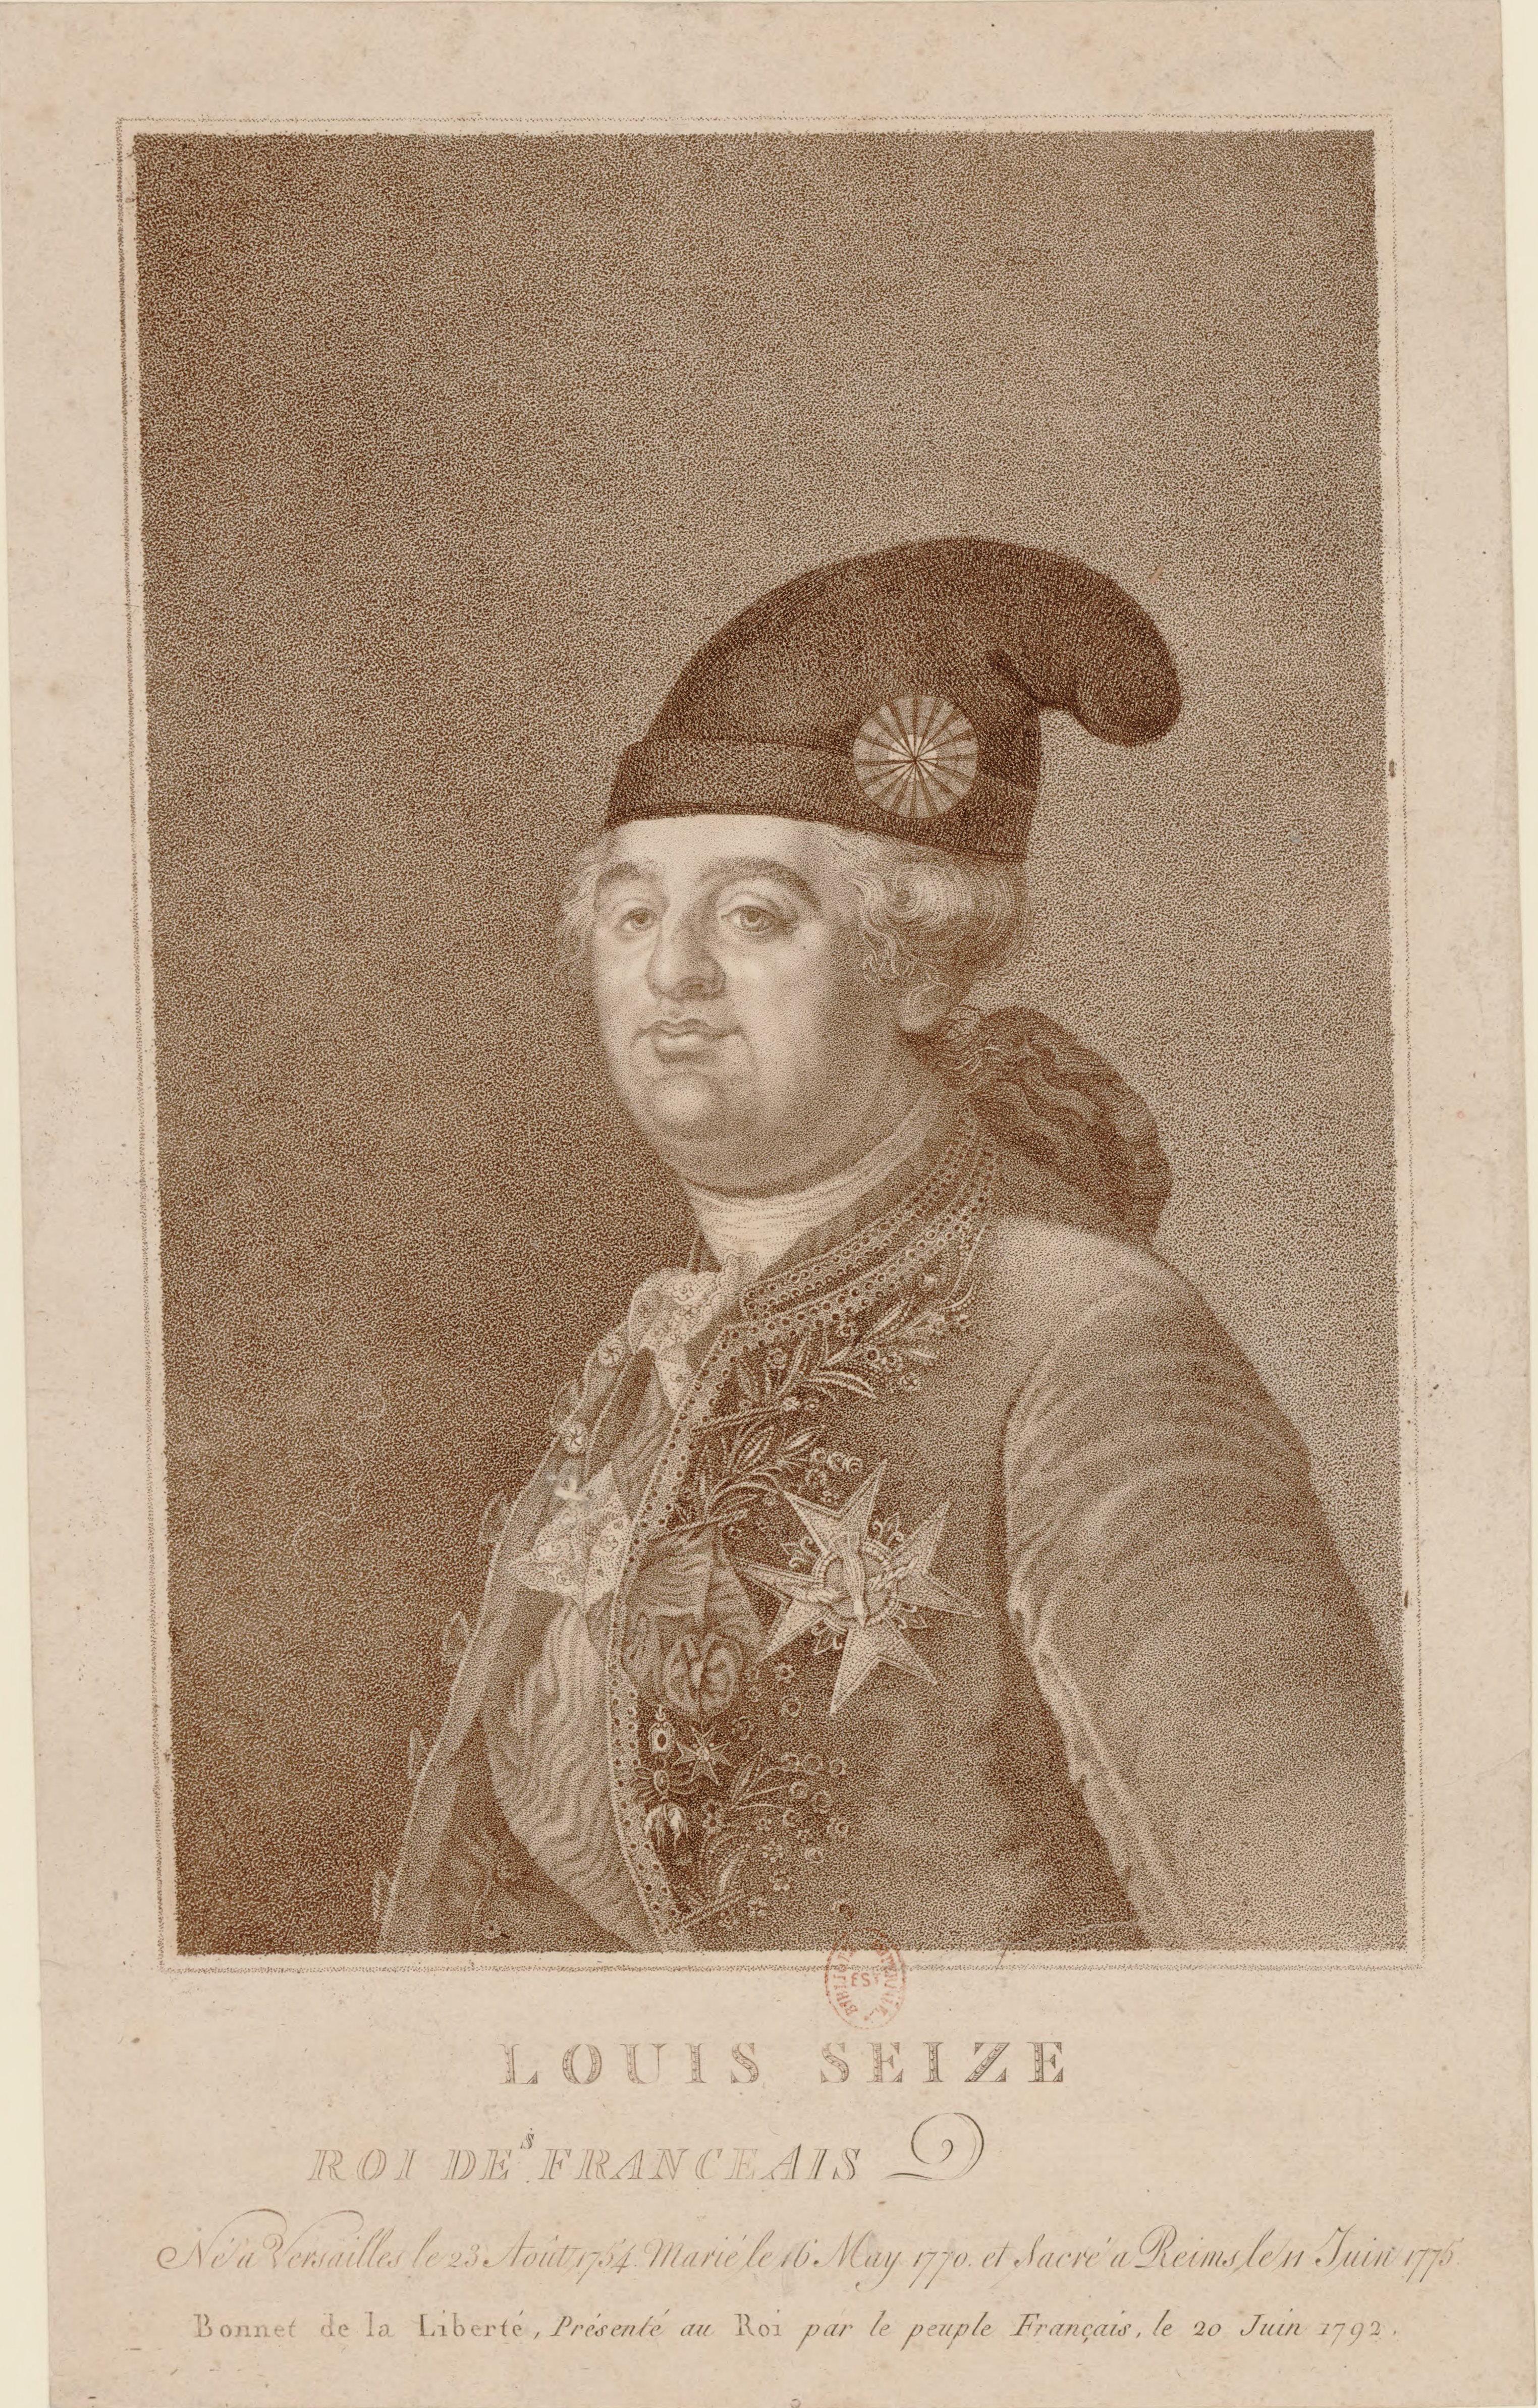 Engraving of King Louis XVI wearing a Phrygian cap